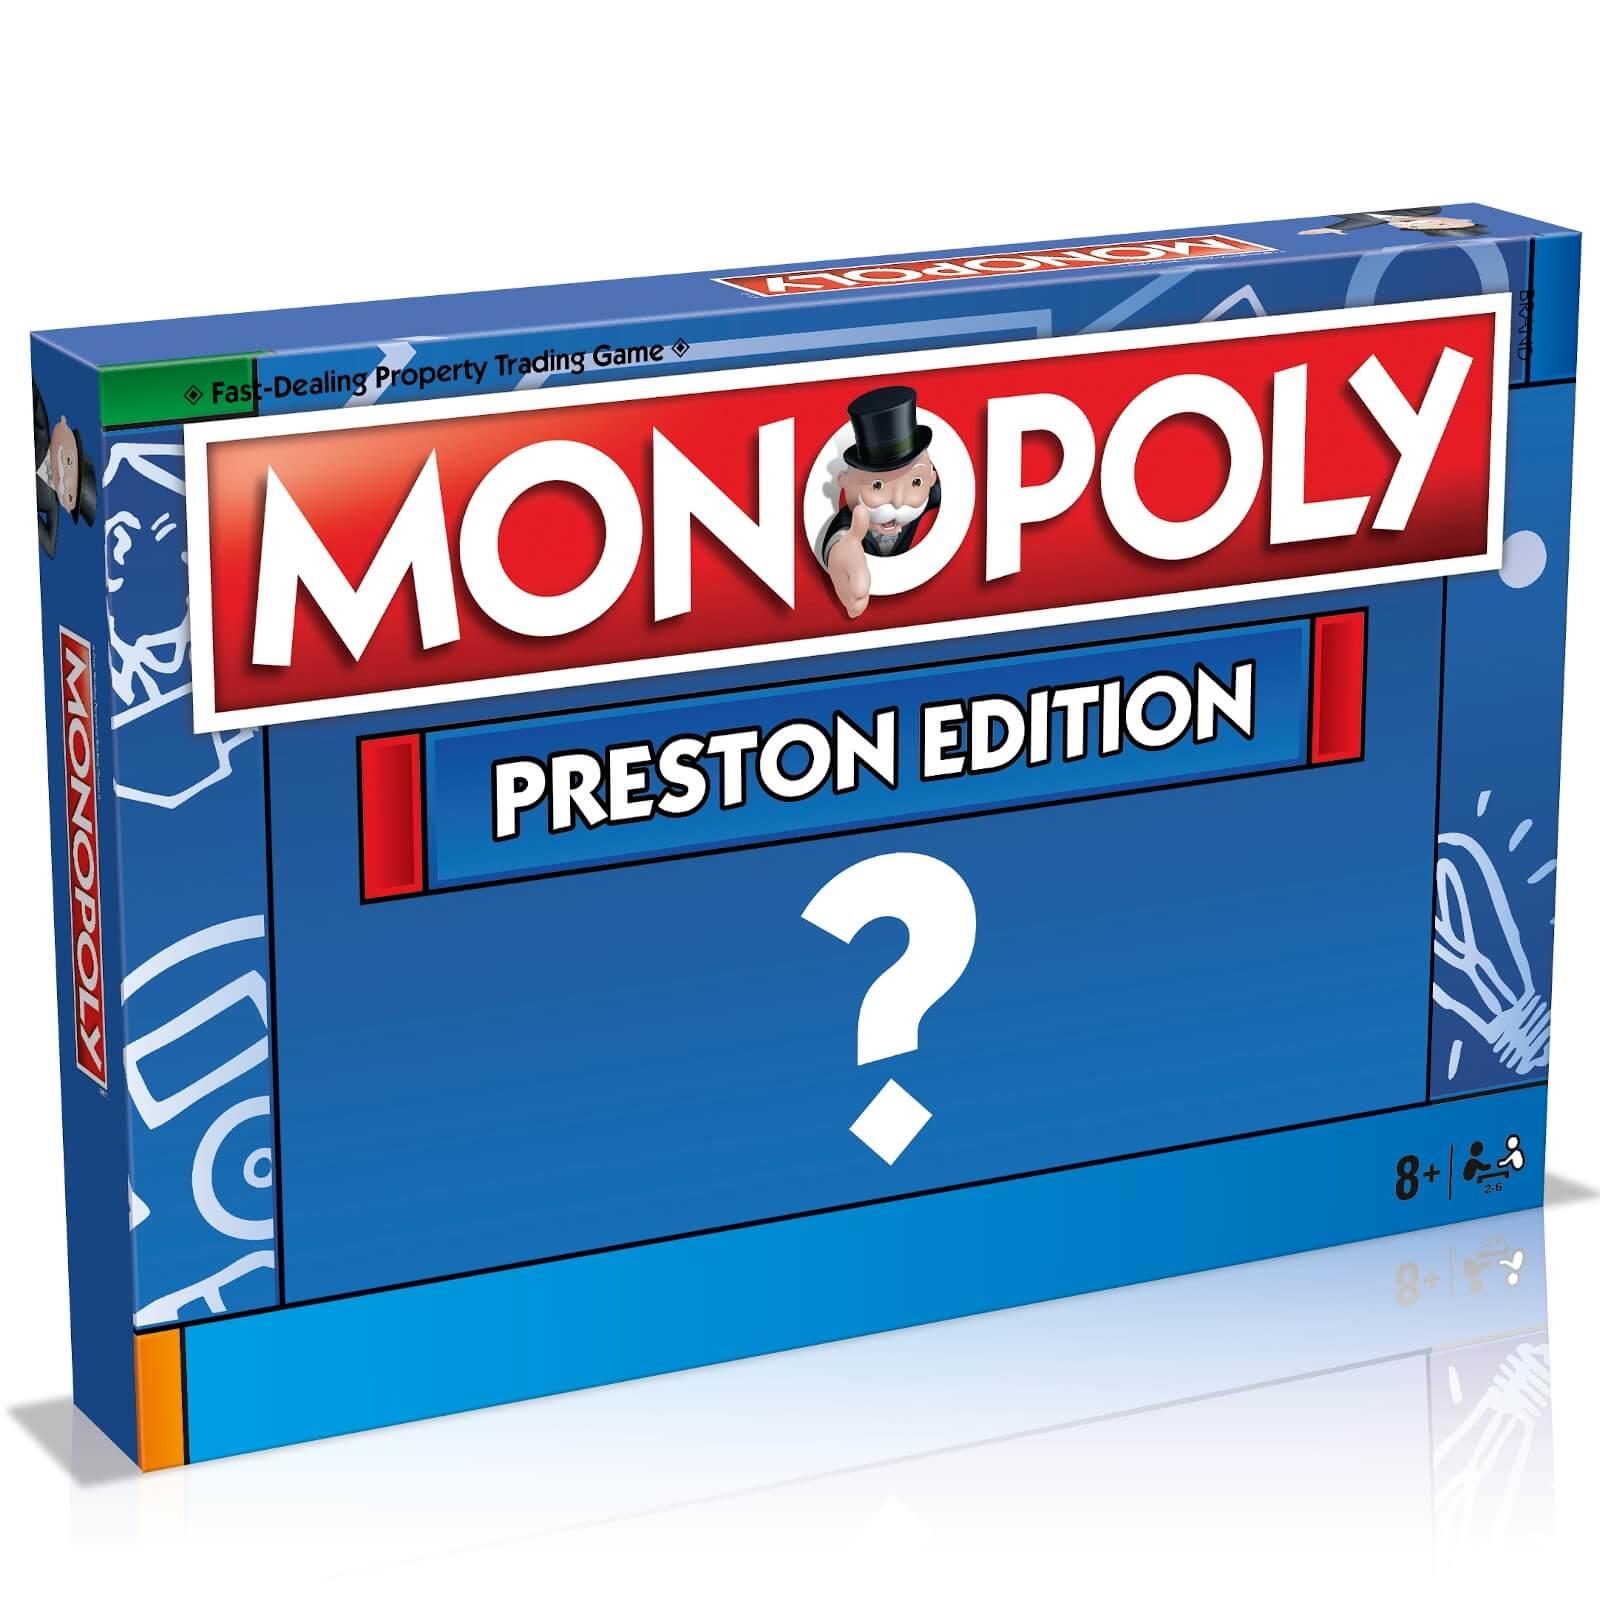 Monopoly Board Game   Preston Edition